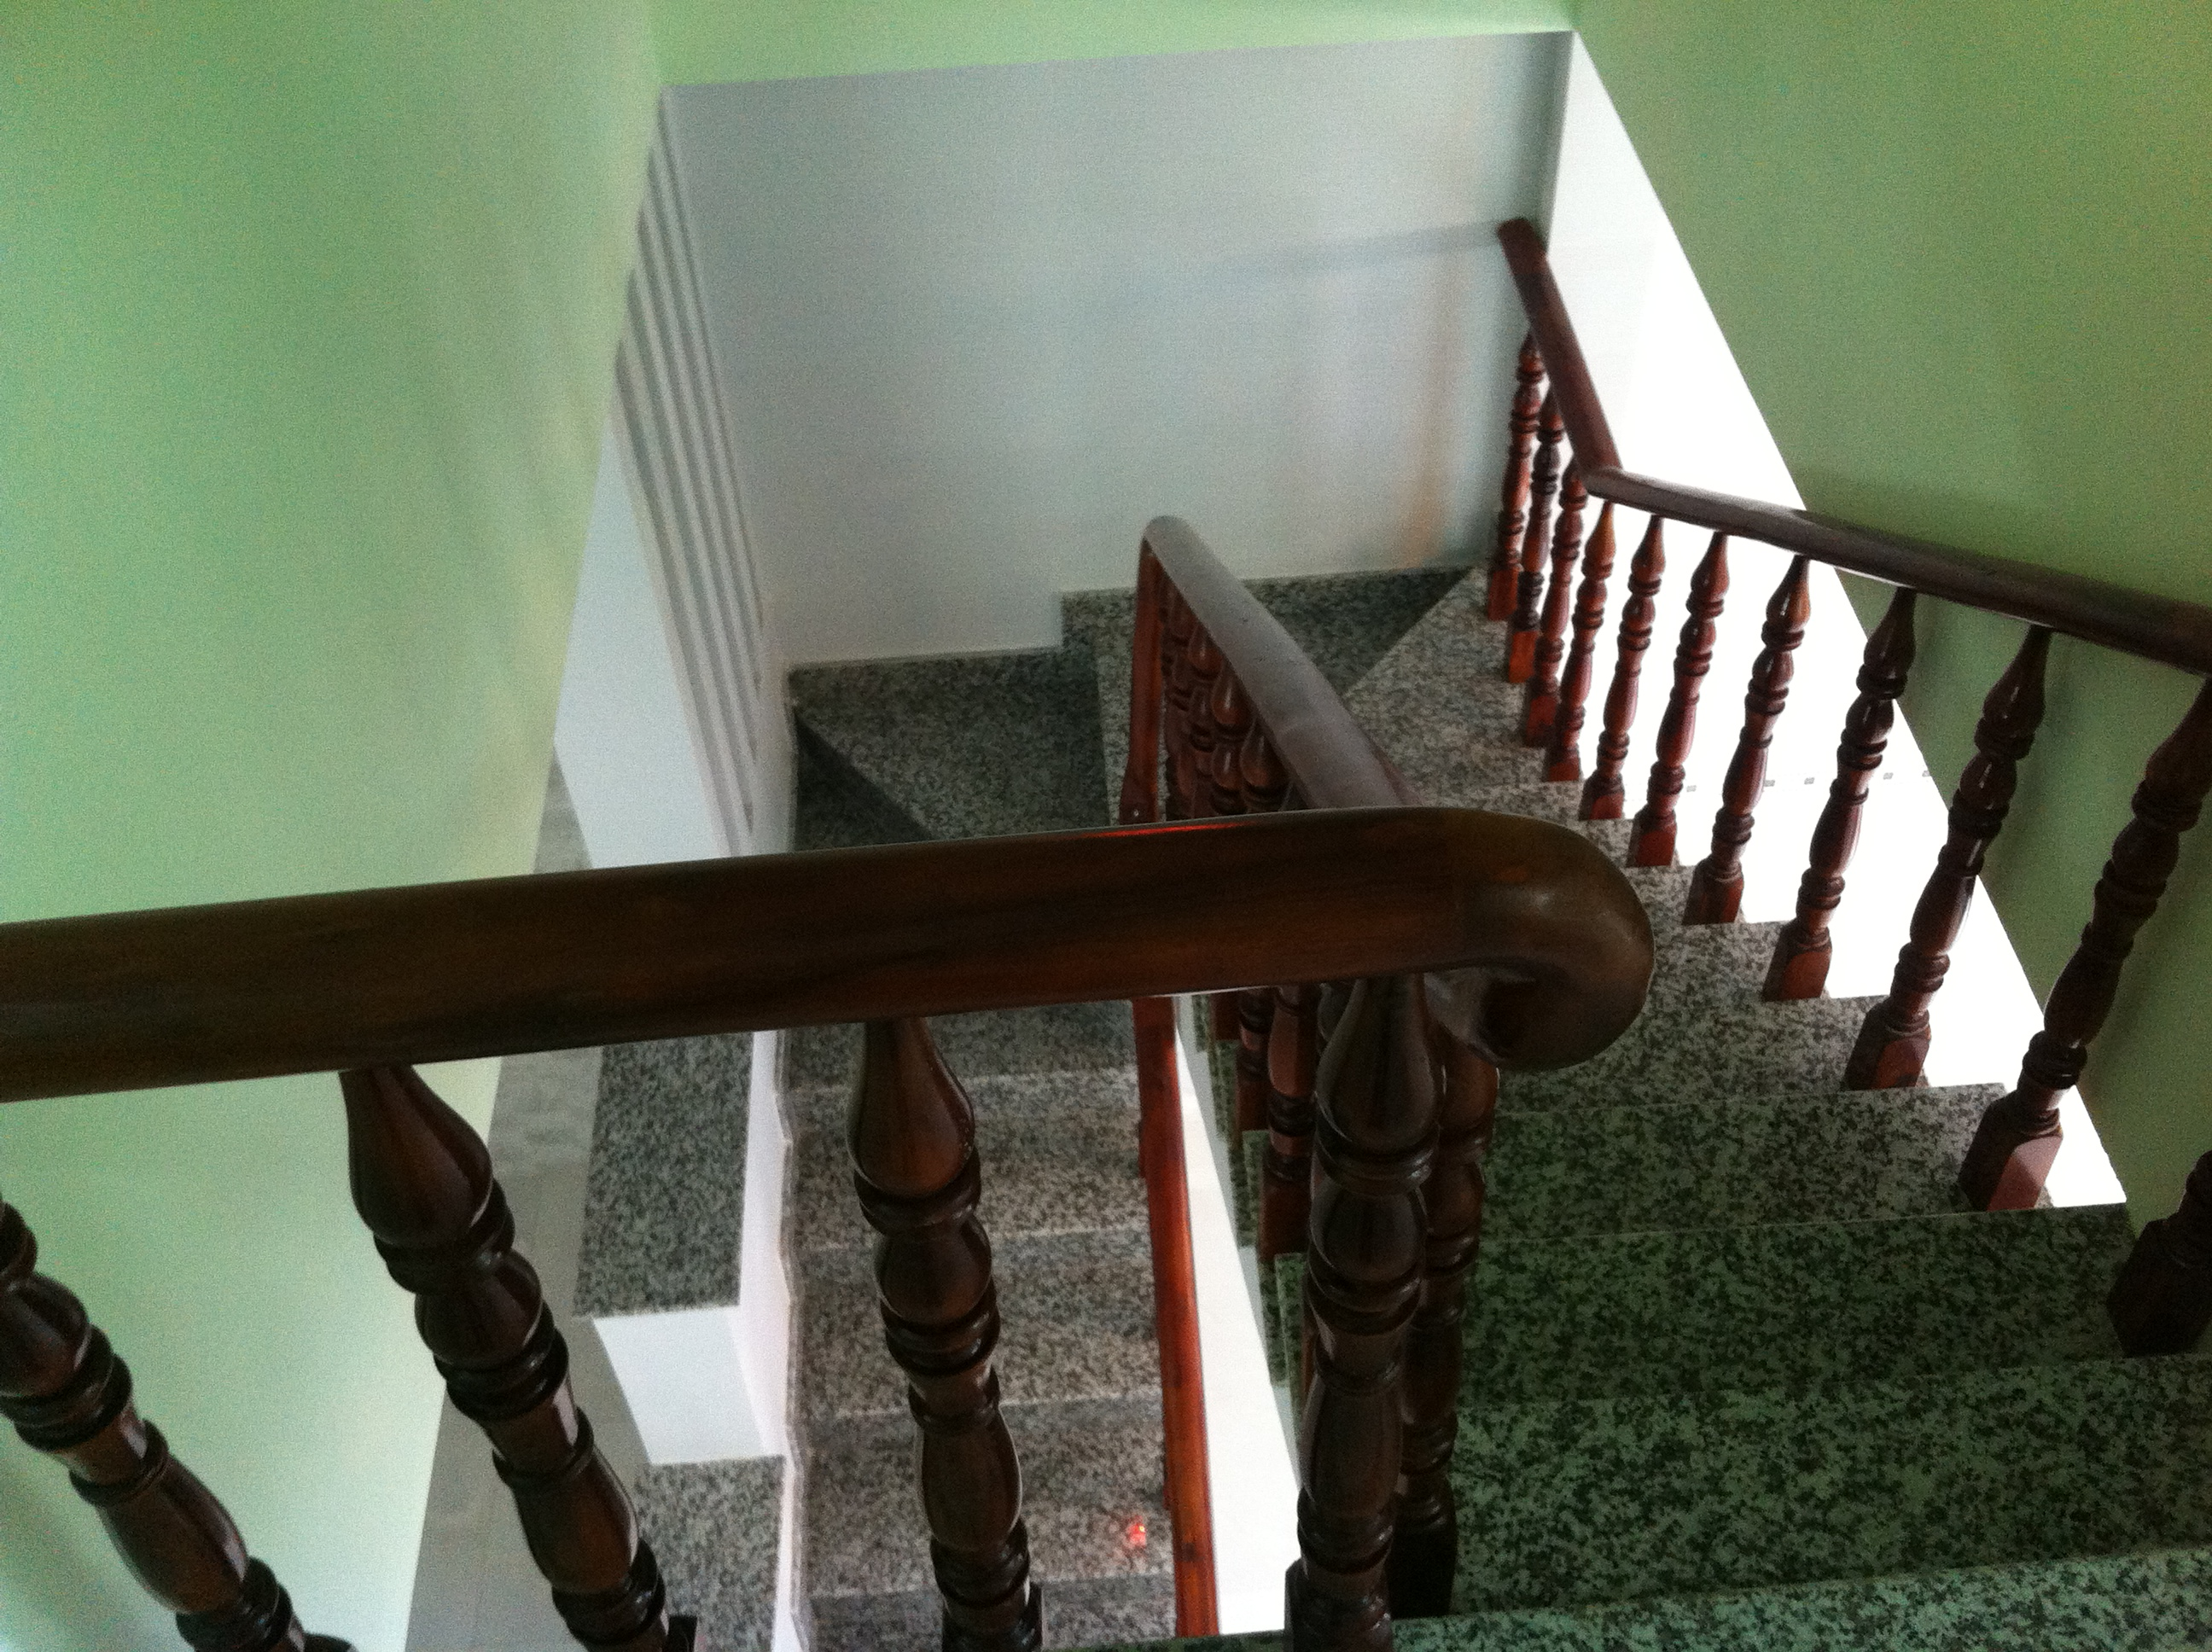 cầu thang nhà phố kiến mới nhất ở thị xã dĩ an, tỉnh bình dương